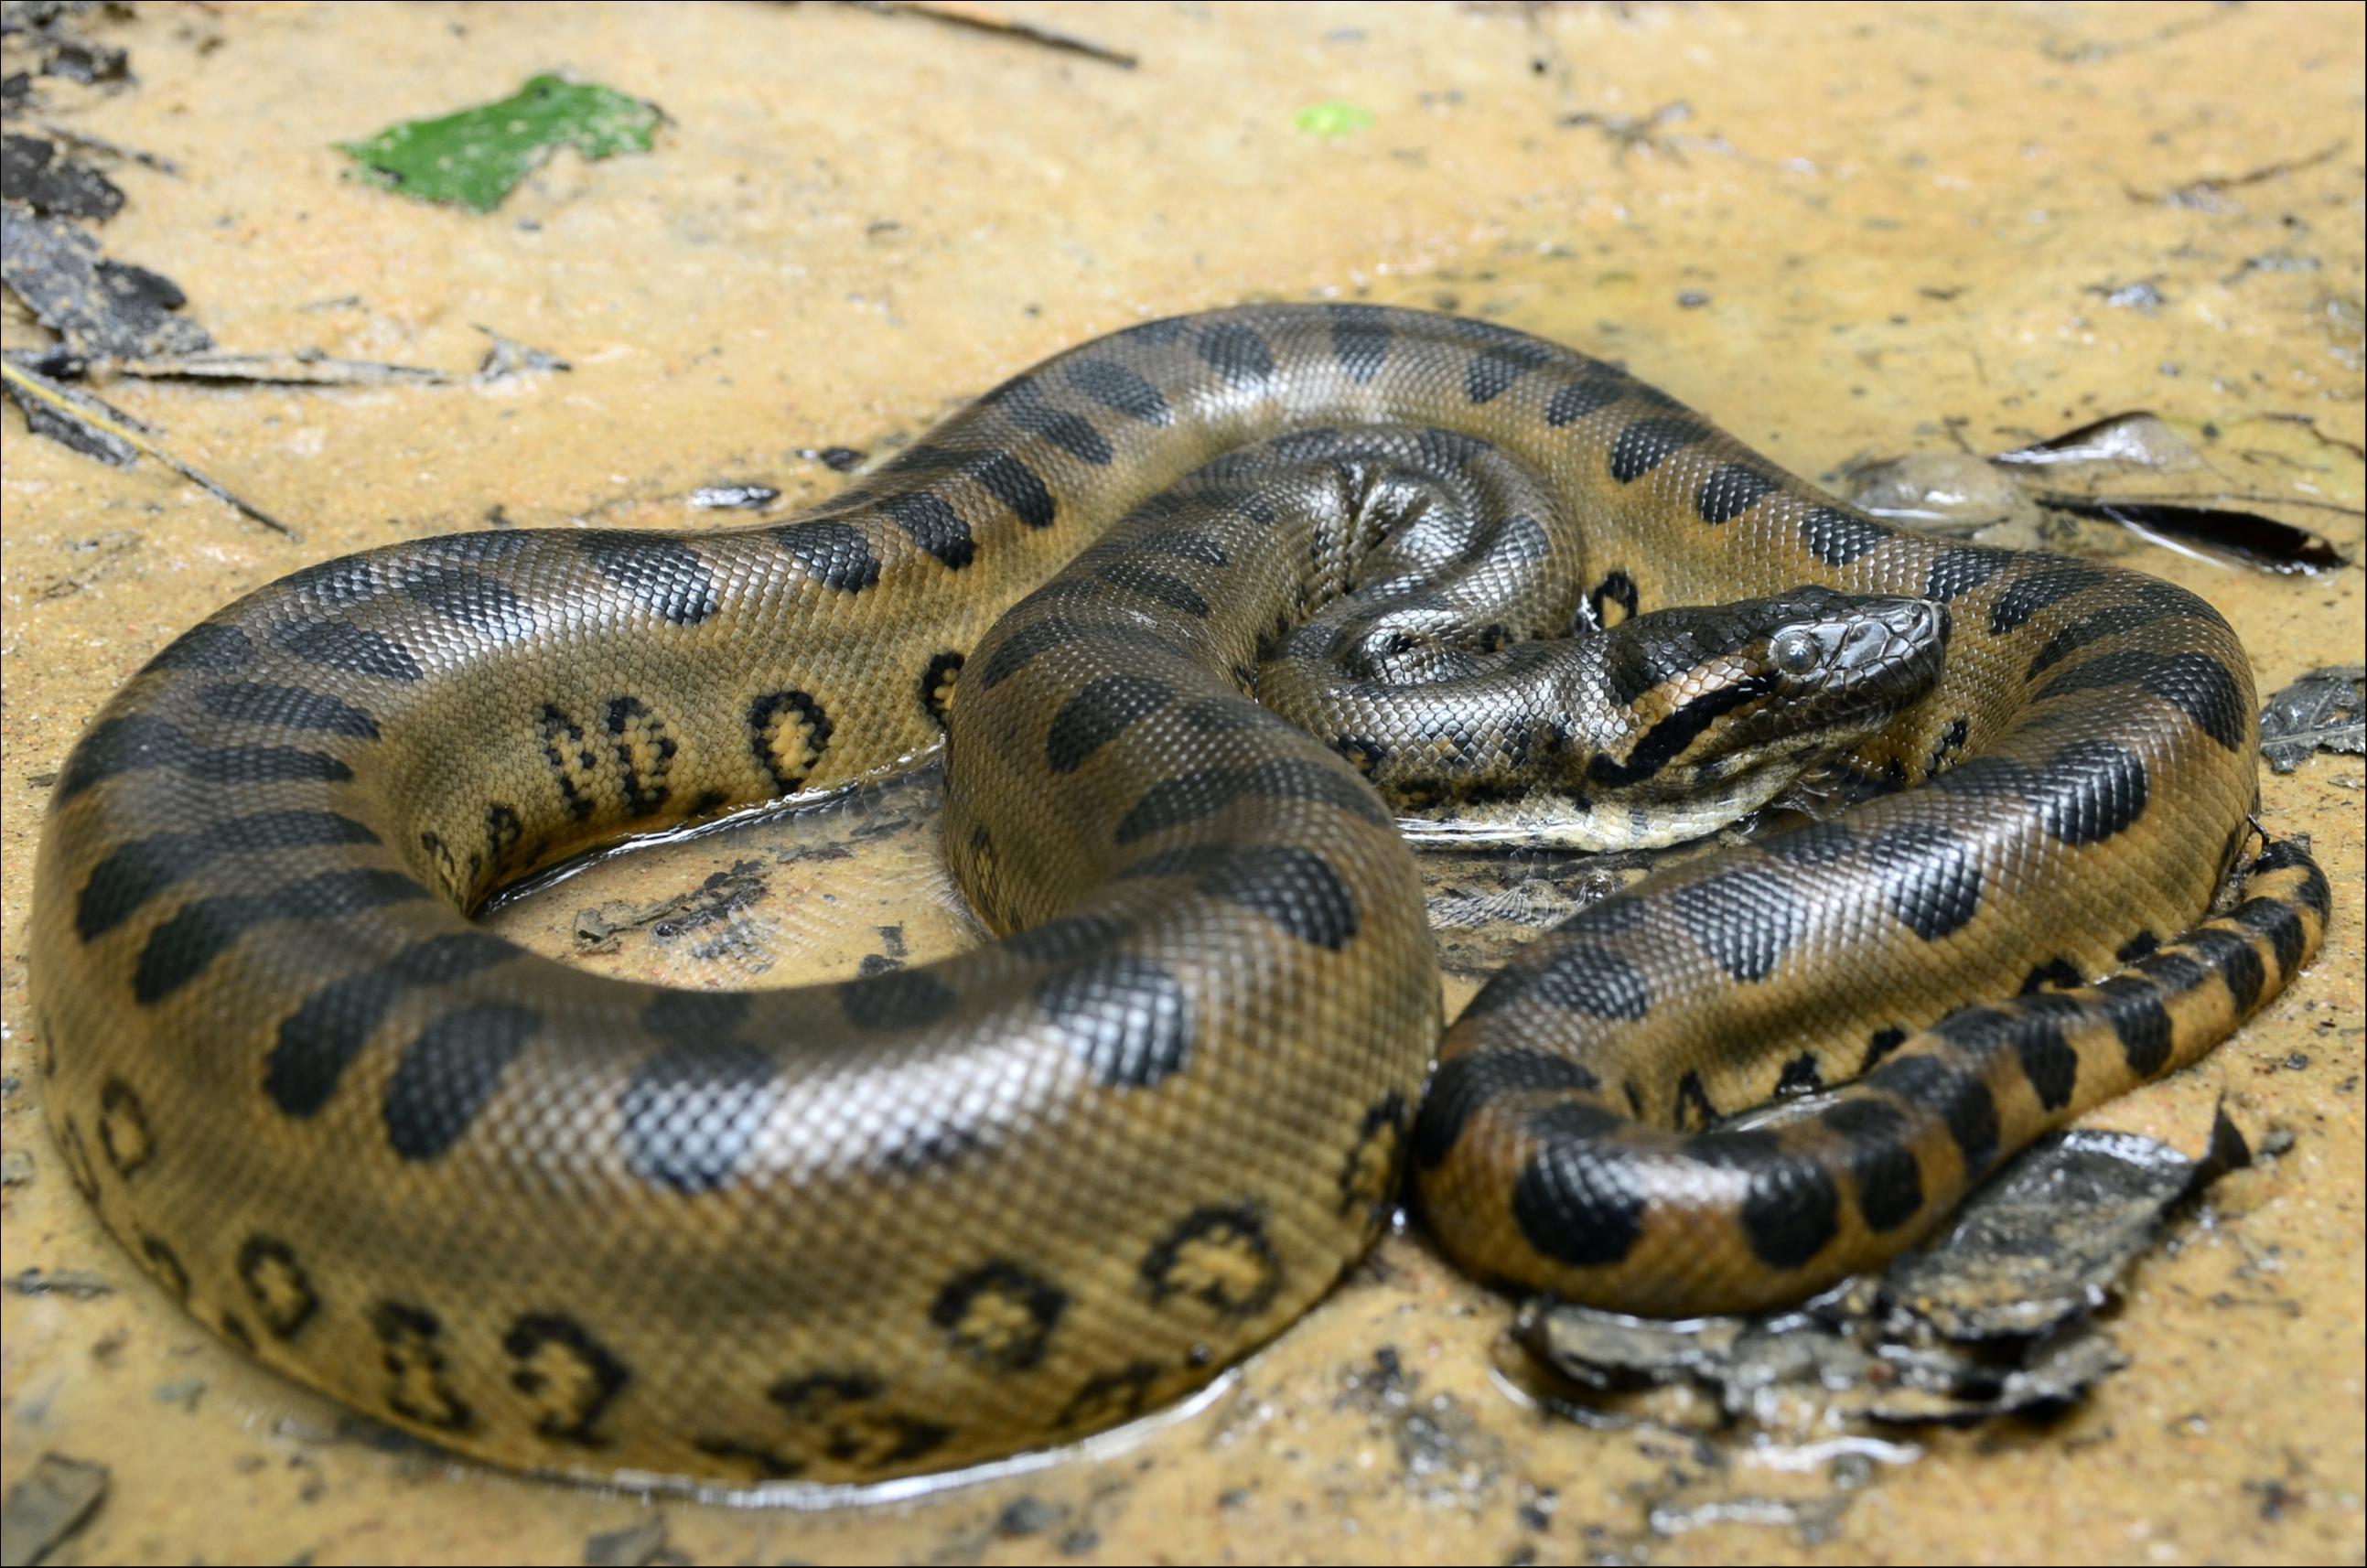 Anaconda gigante (Eunectes murinus)